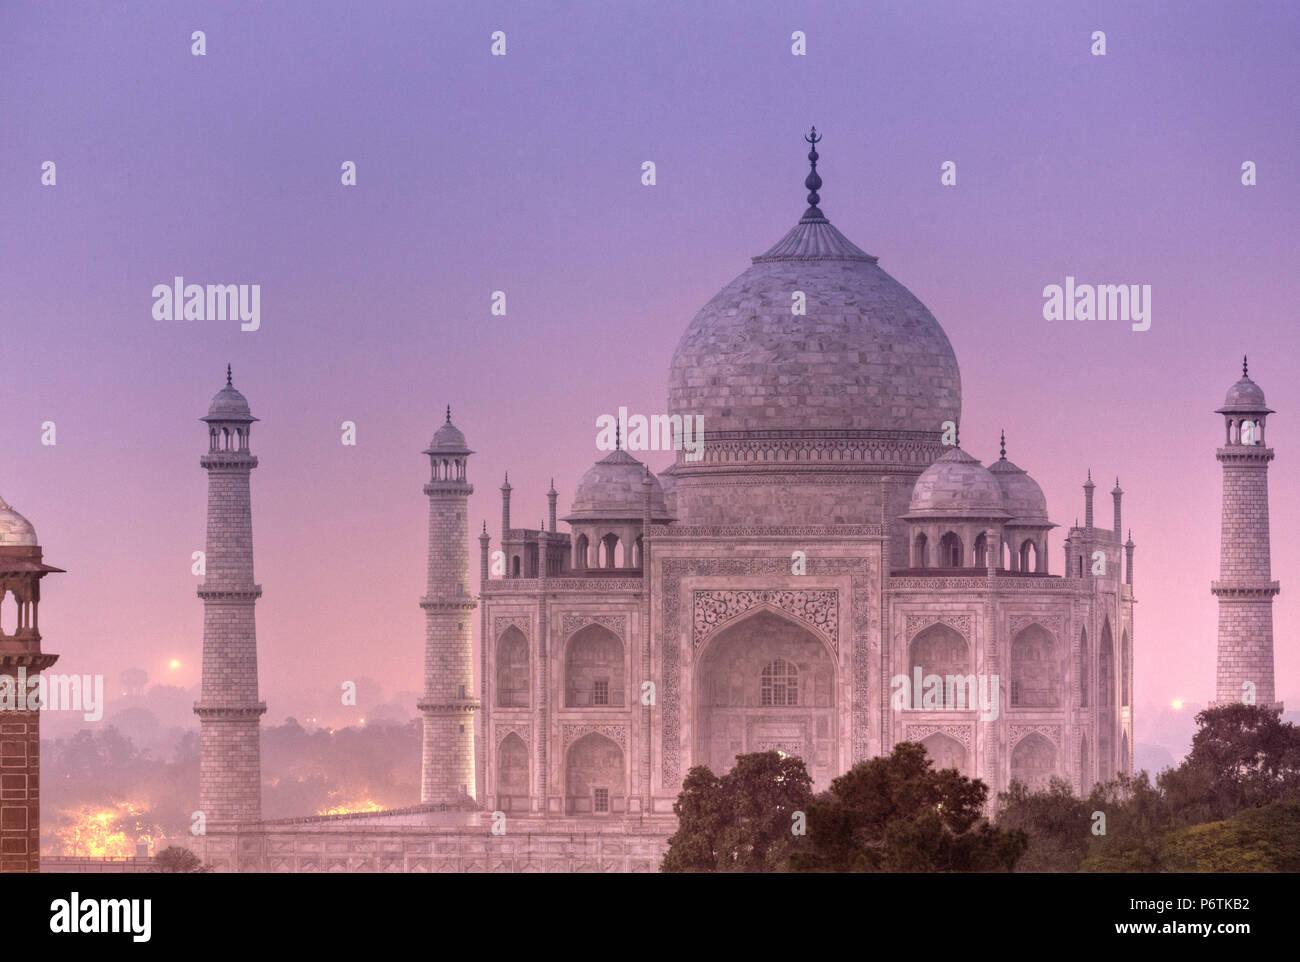 India, Uttar Pradesh, Agra il Taj Mahal (Sito UNESCO), in una notte di luna piena Immagini Stock